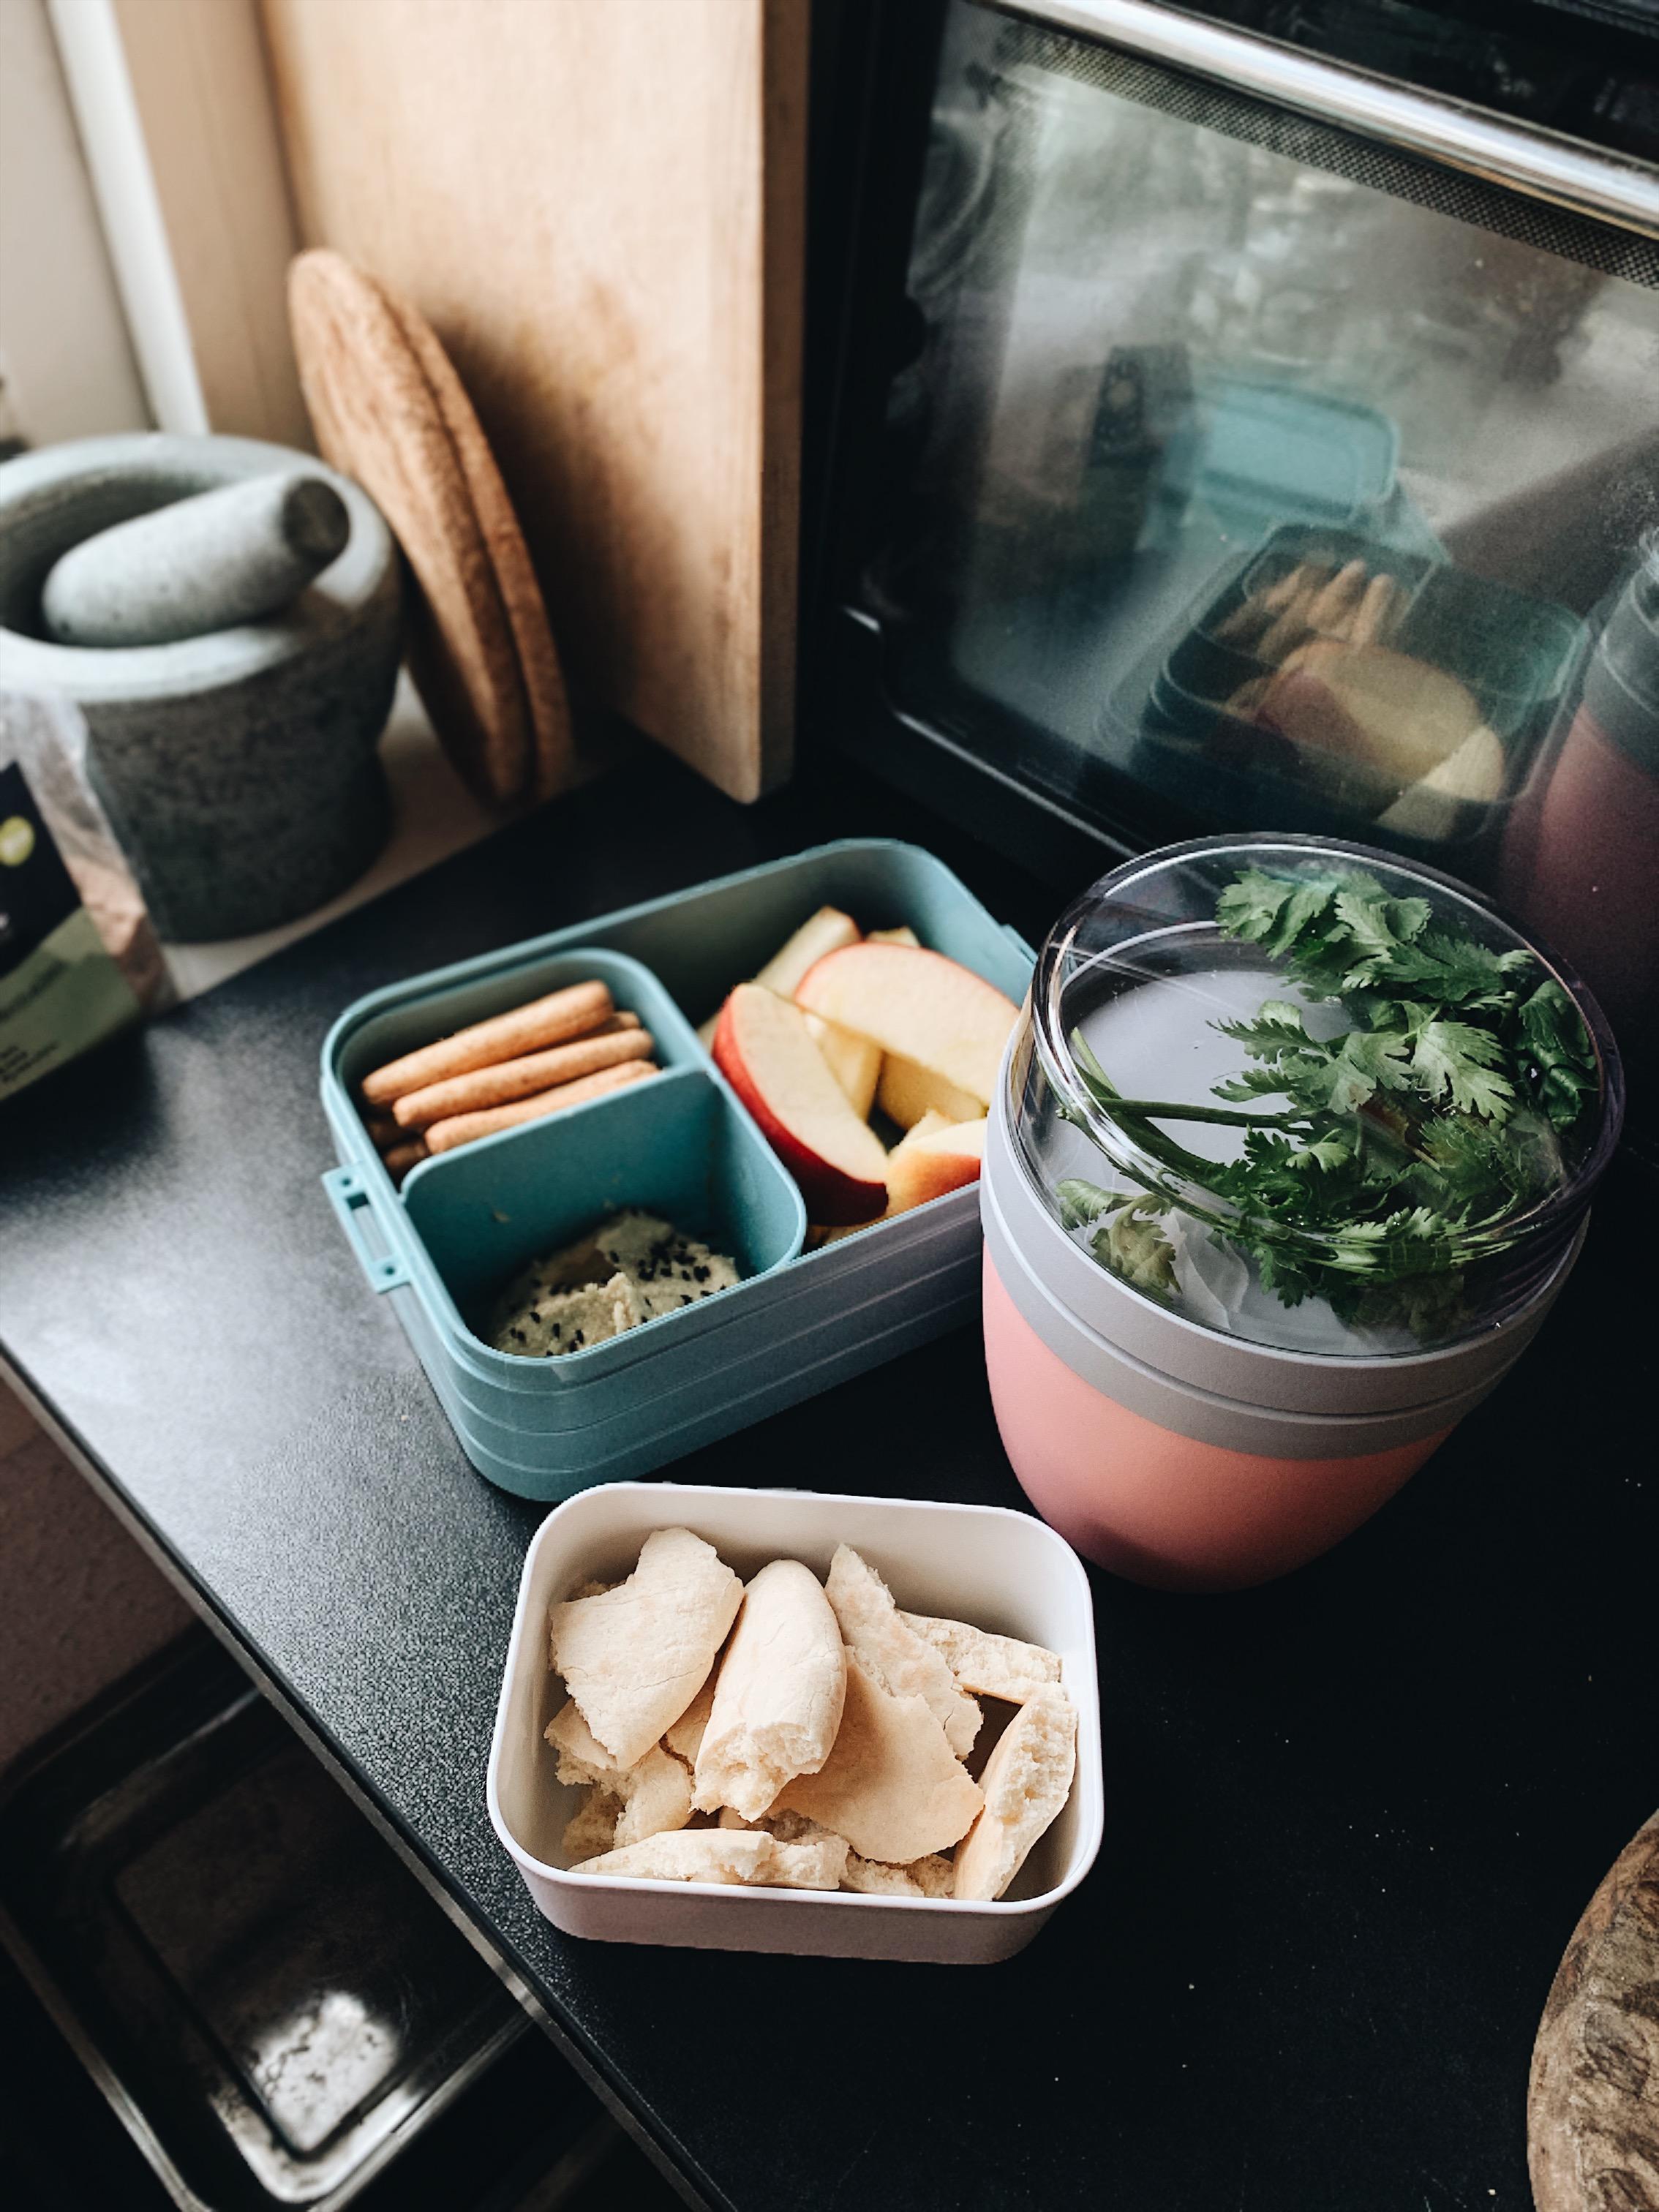 Rode linzensoep met koriander en kort geroosterde speltpita's, mini-soepstengels (picos) met hummus en zwarte komijn, een appeltje.